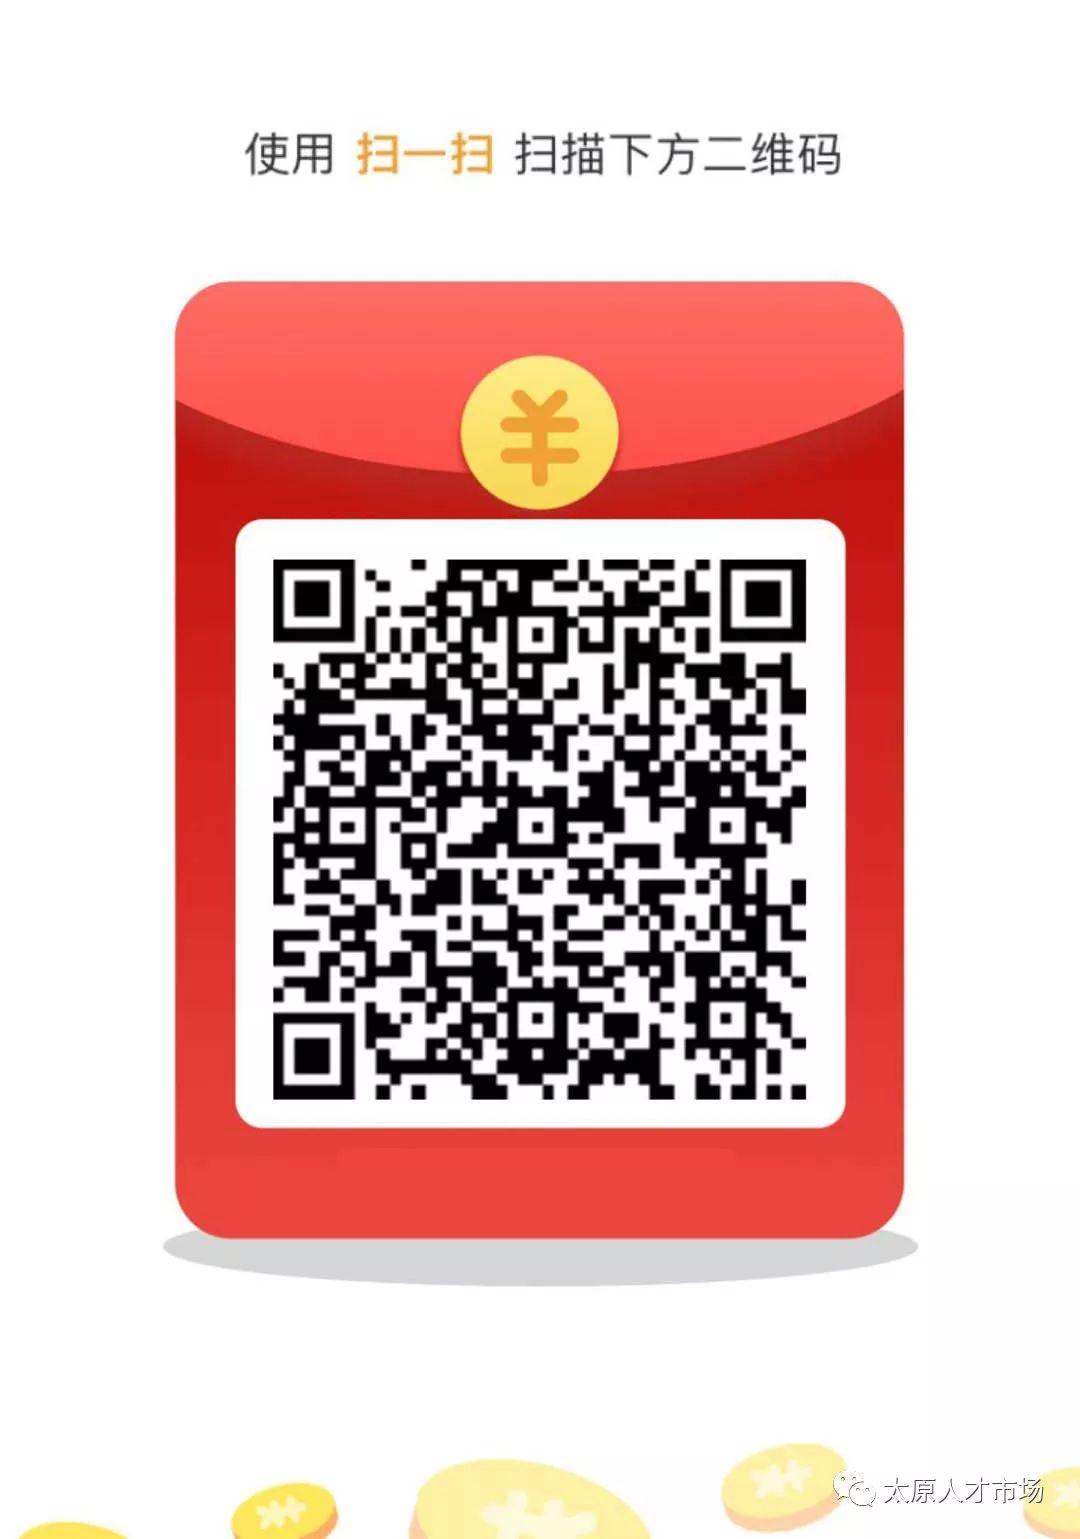 搜狐新闻资讯app,看新闻赚钱,兼职赚钱项目列举。 职场 第1张